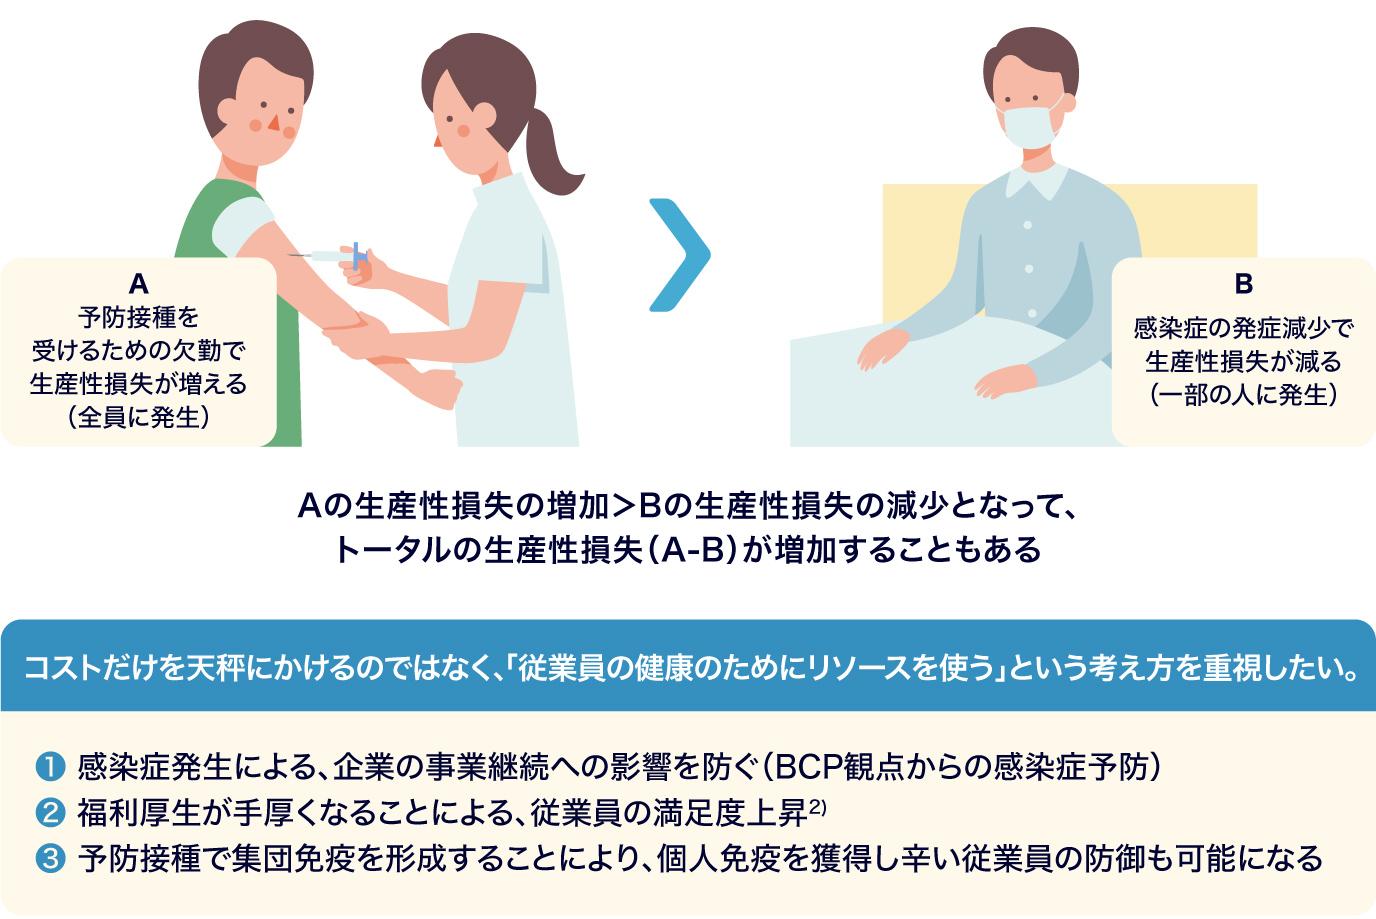 図:企業が予防接種の費用補助制度を導入する際の考え方